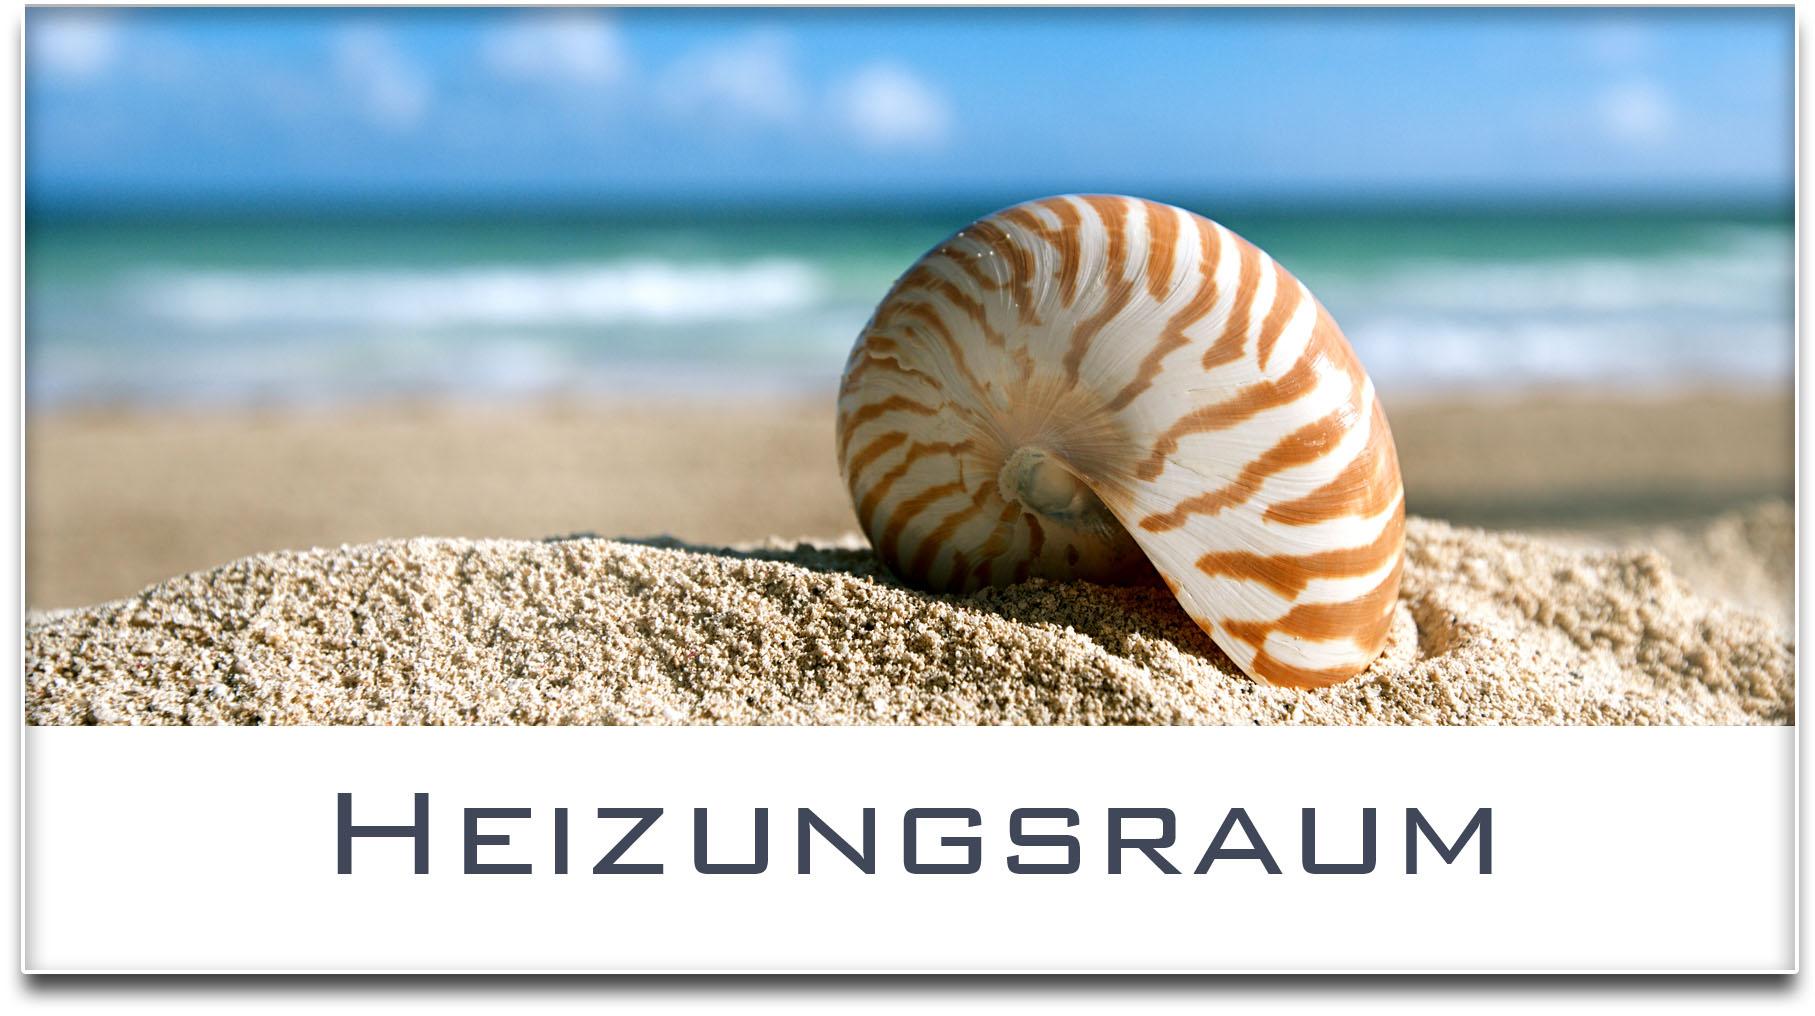 Türschild / Haustürschild / Muschel / Strand / Heizungsraum / Selbstklebend